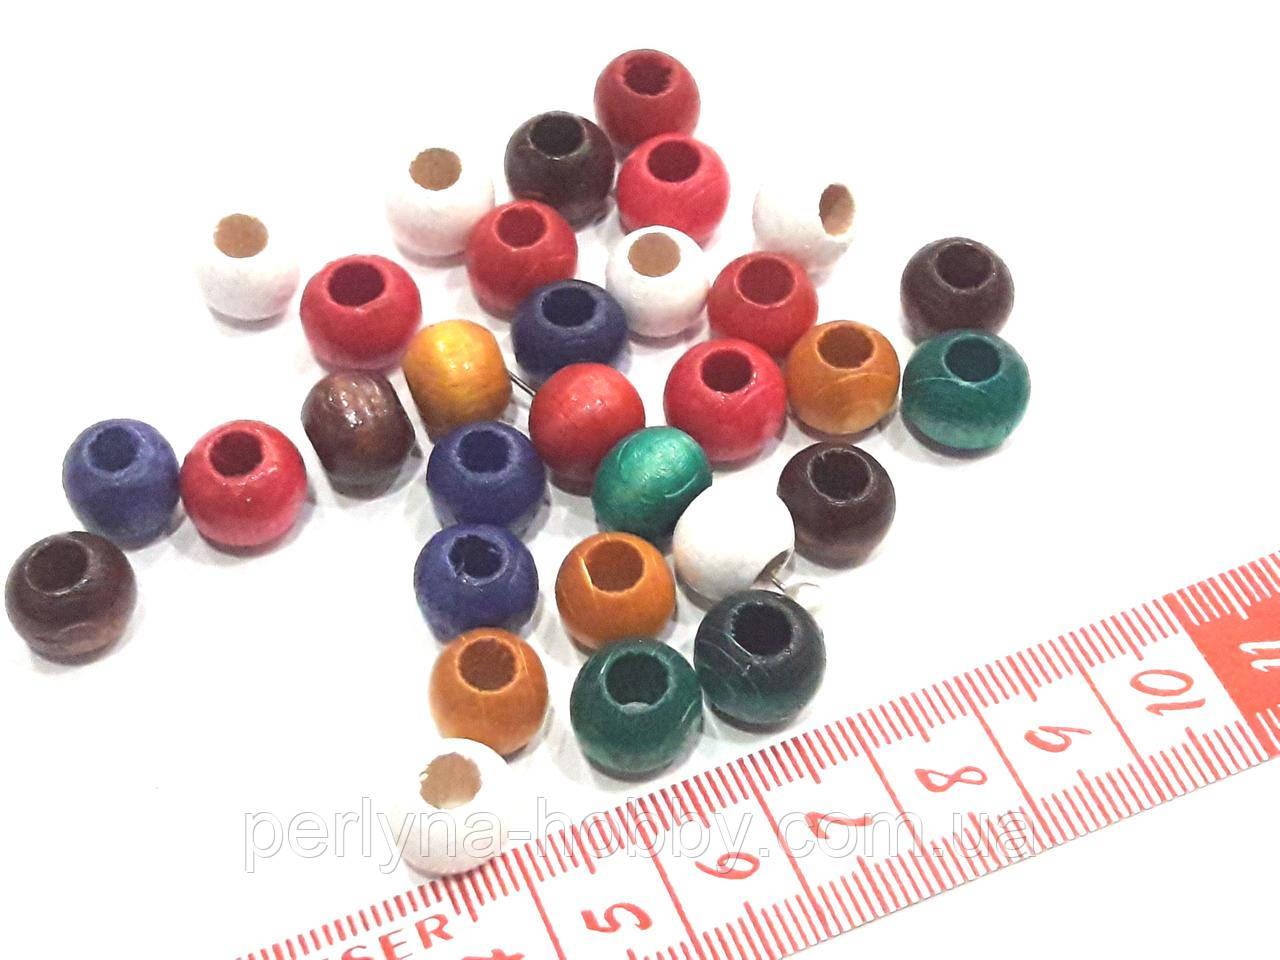 Бусины  деревянные лакированные.  Намистини  дерев'яні лаковані  10 мм.  Асорті різні кольори. Набір 50 шт.